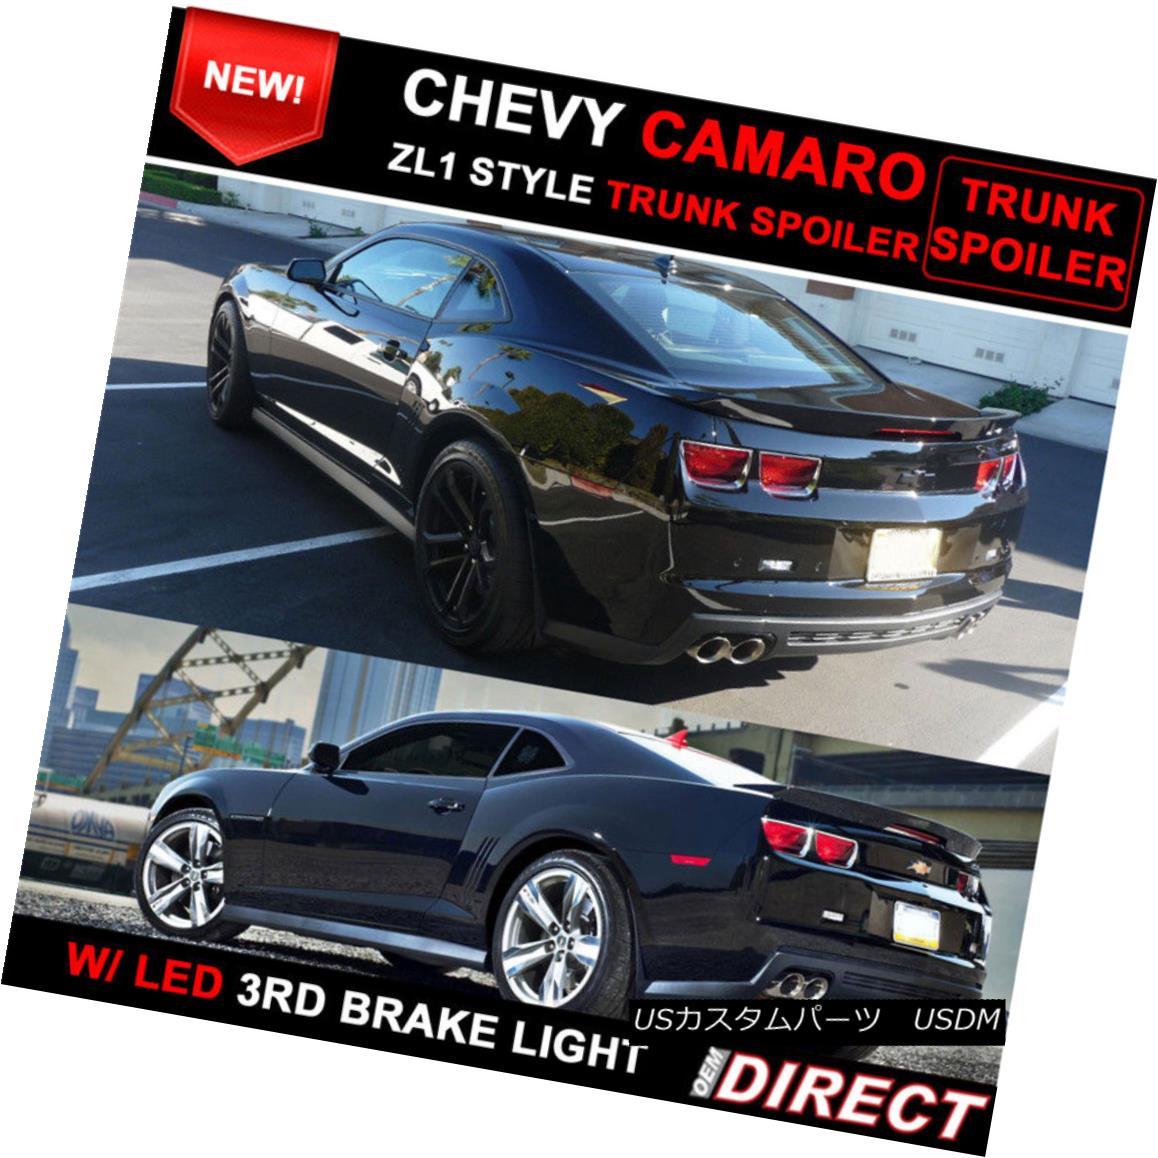 エアロパーツ 10-13 Chevy Camaro ZL1 Style Trunk Spoiler Painted Black WA8555 10-13シボレーカマロZL1スタイルのトランク・スポイラー・ペイント・ブラックWA8555